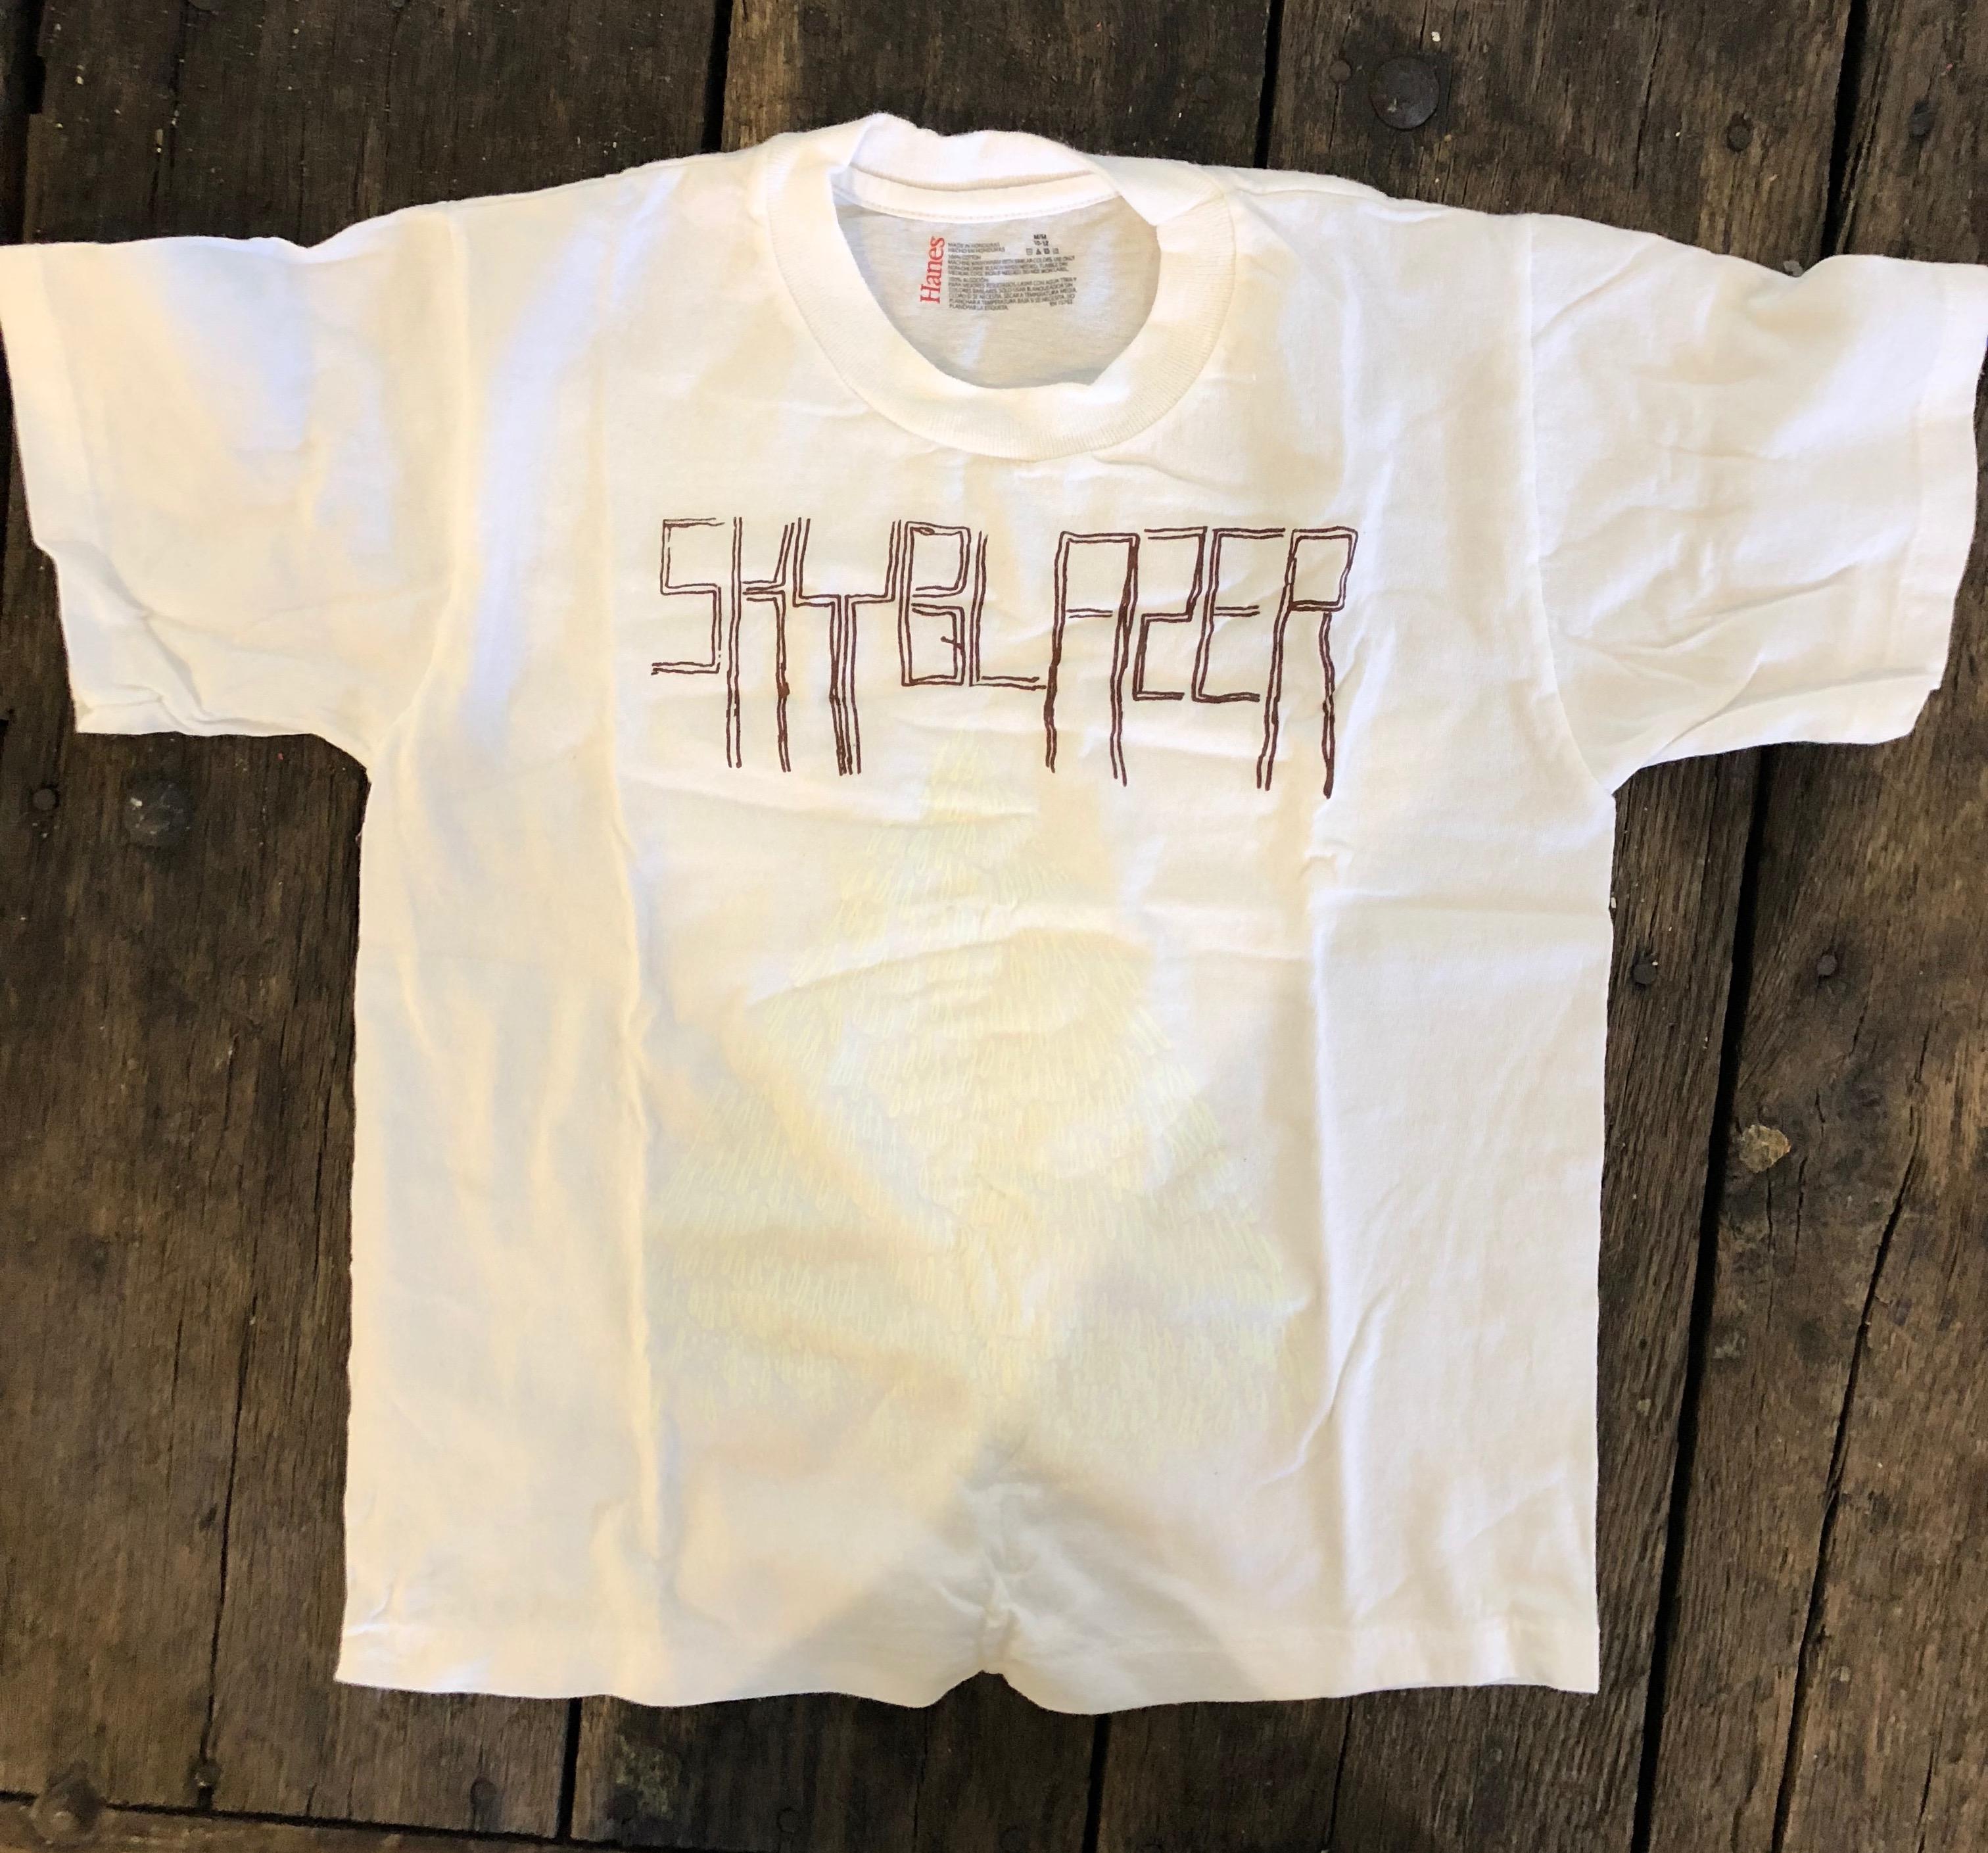 Skyblazer Glow-in-the-dark Shirt for kids! ON SALE NOW!